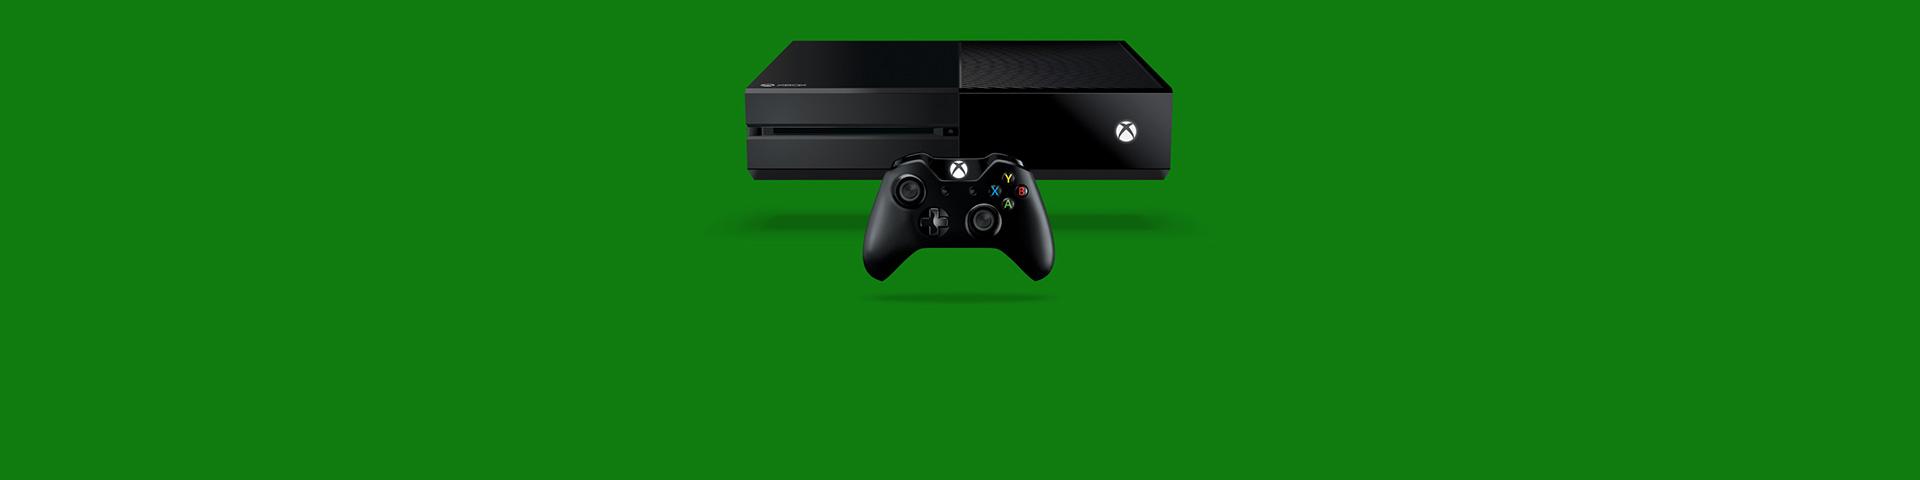 Controle e console Xbox One